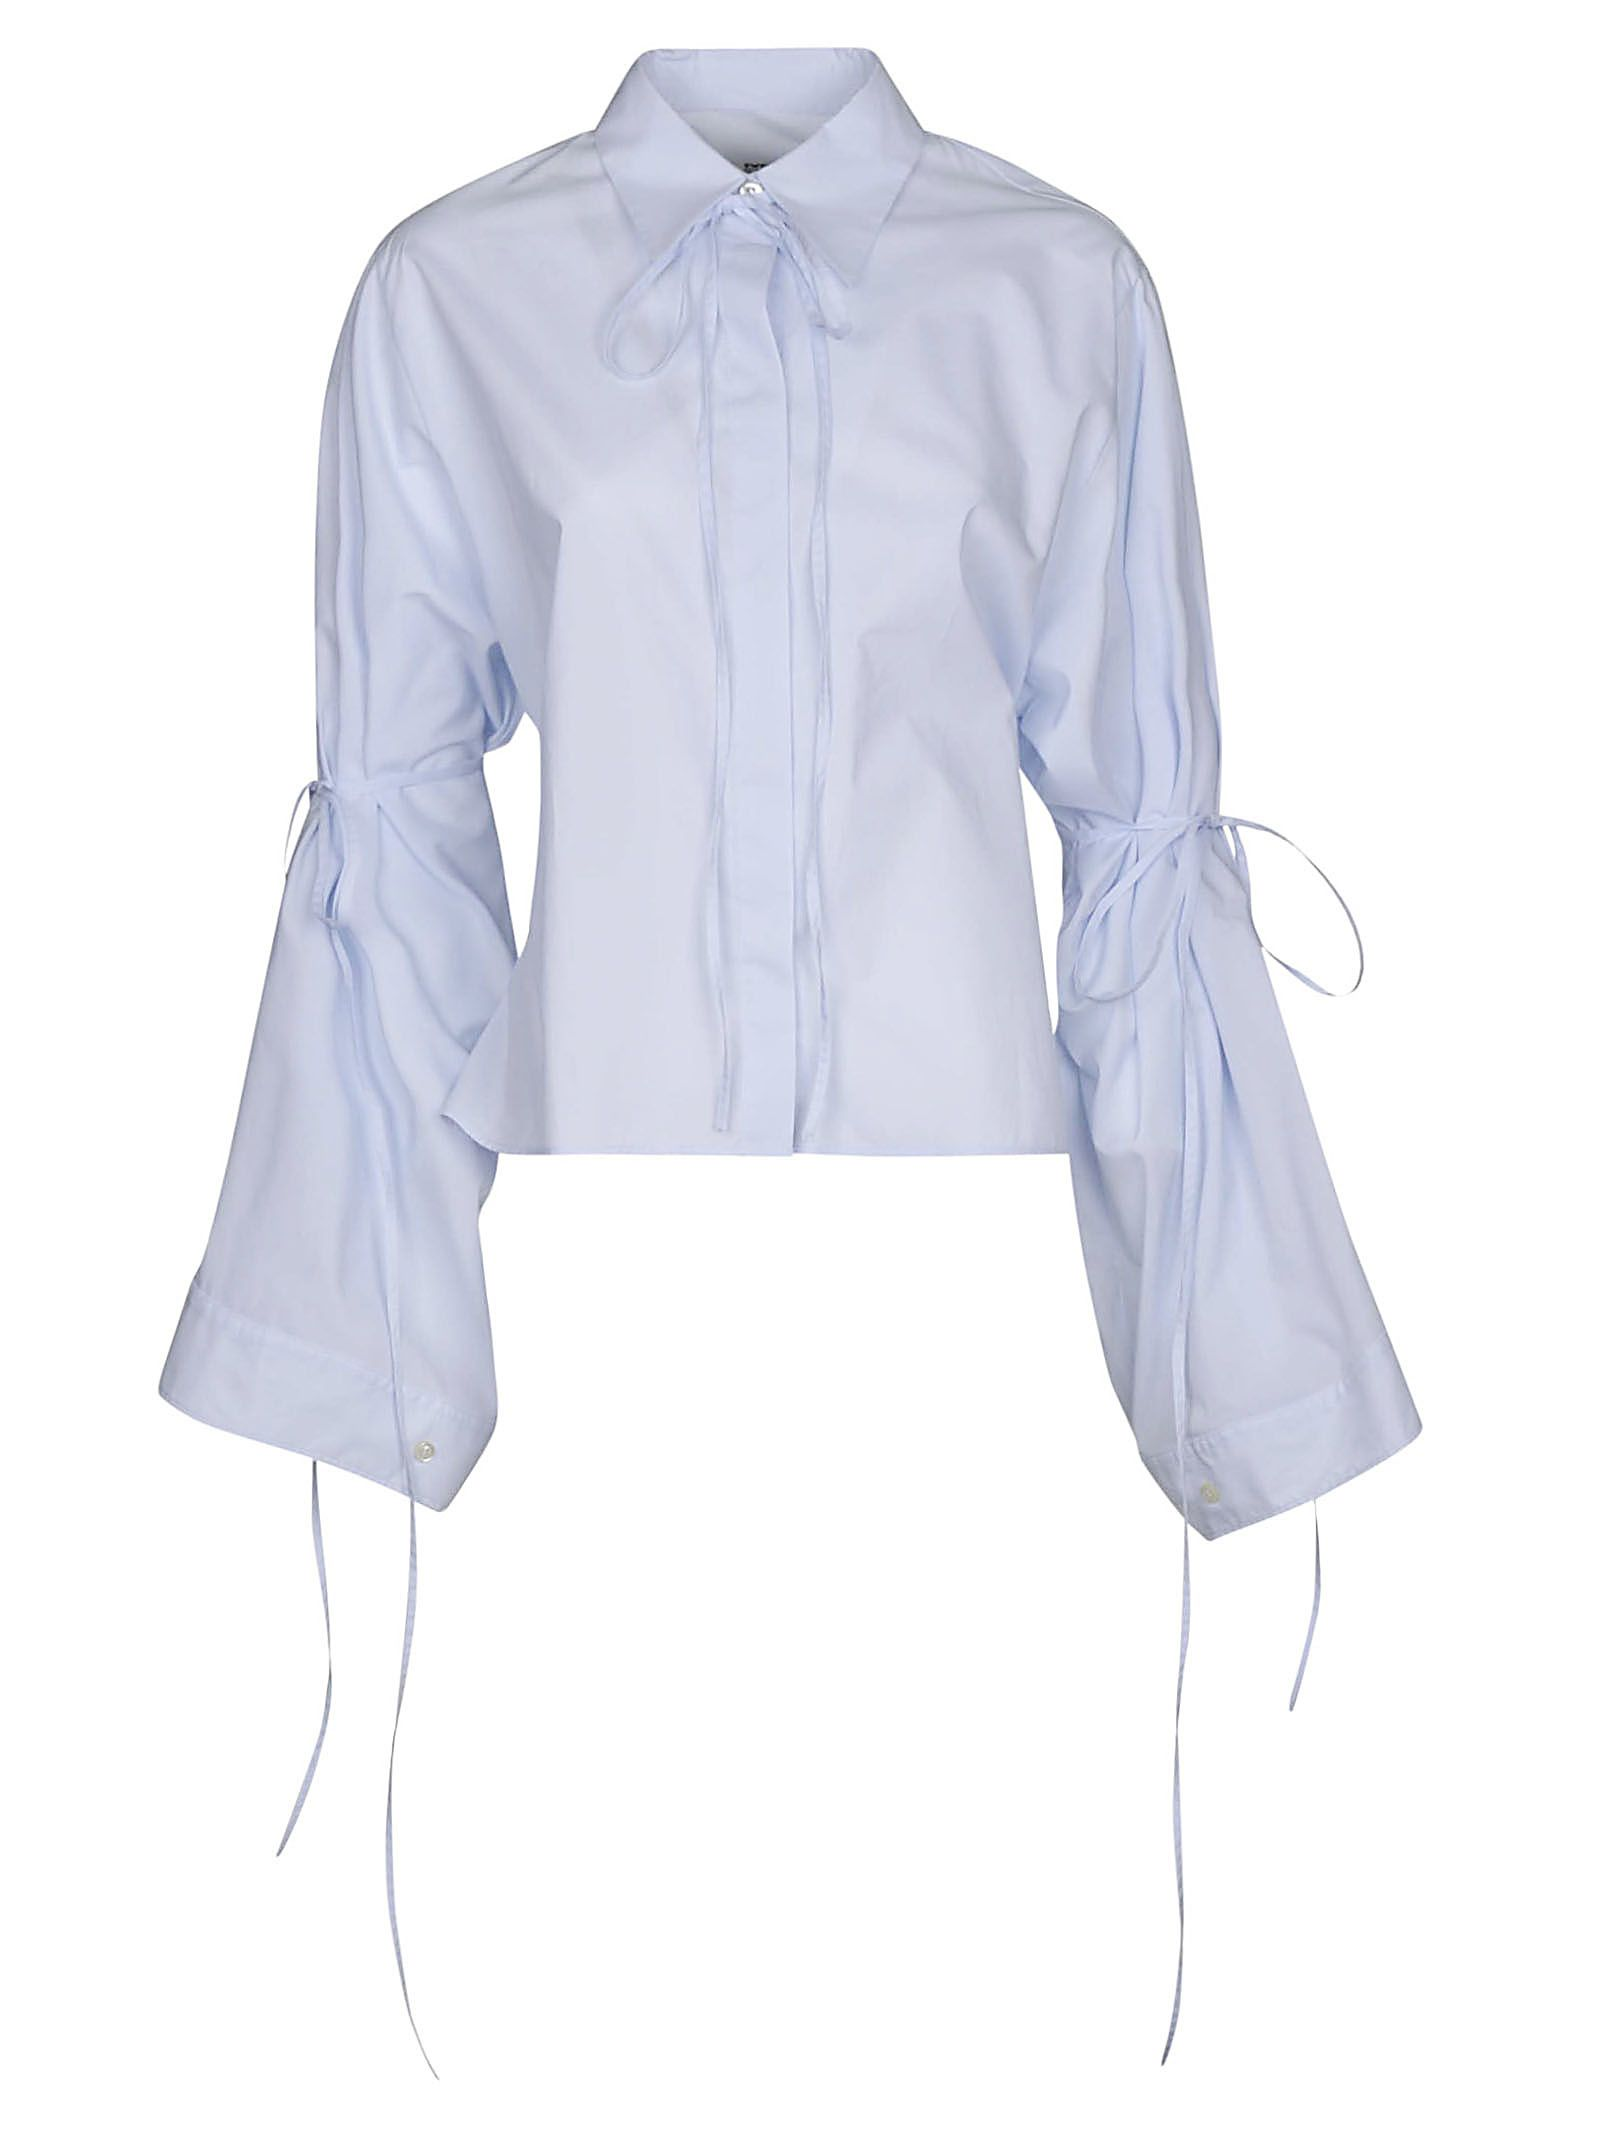 Maison Margiela Paris Tied Oversized Shirt